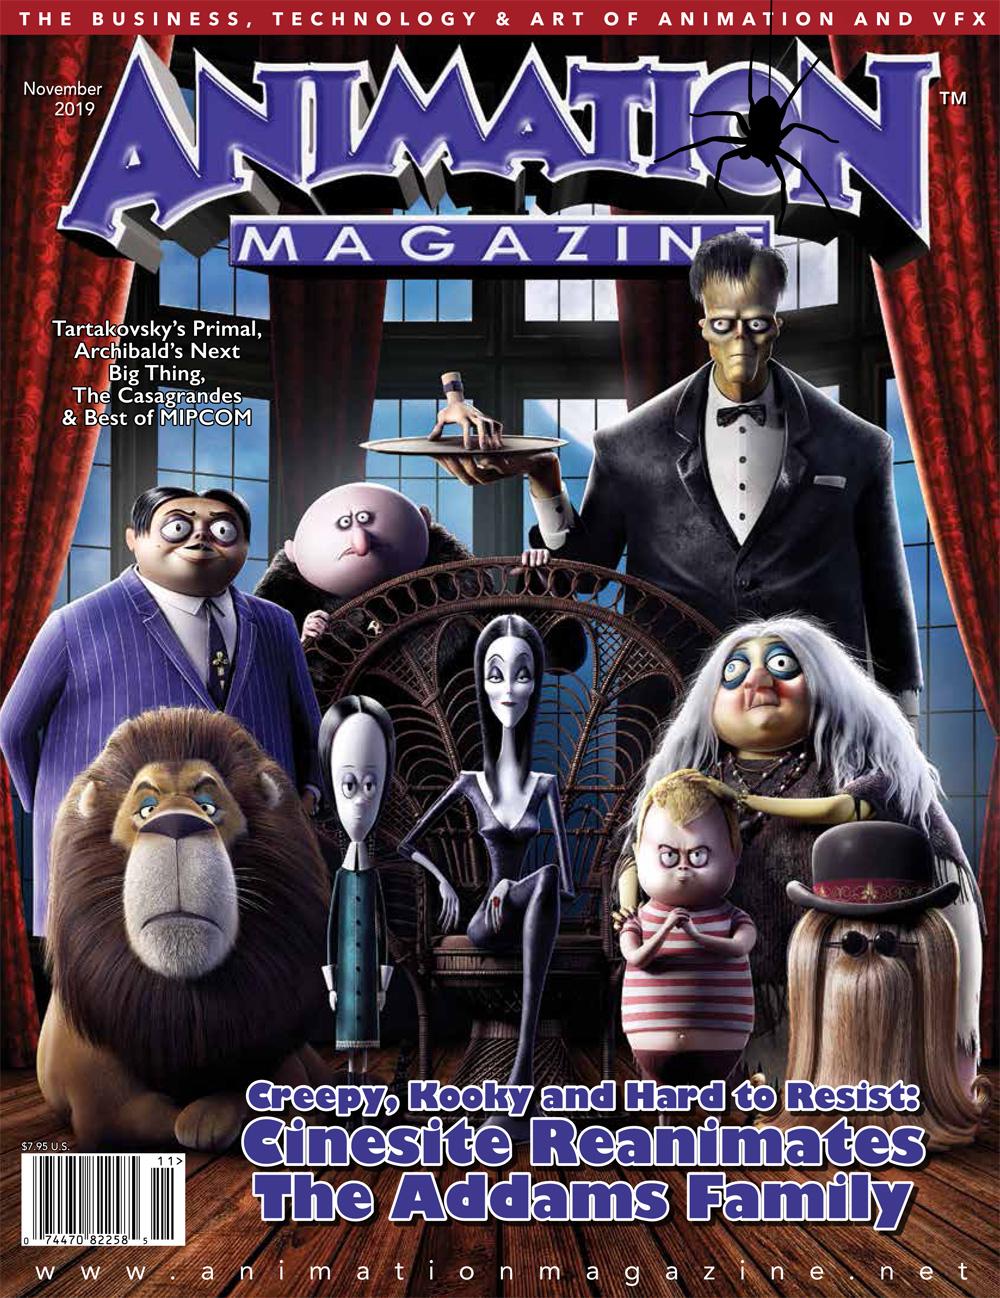 Animation Magazine – #294 November 2019